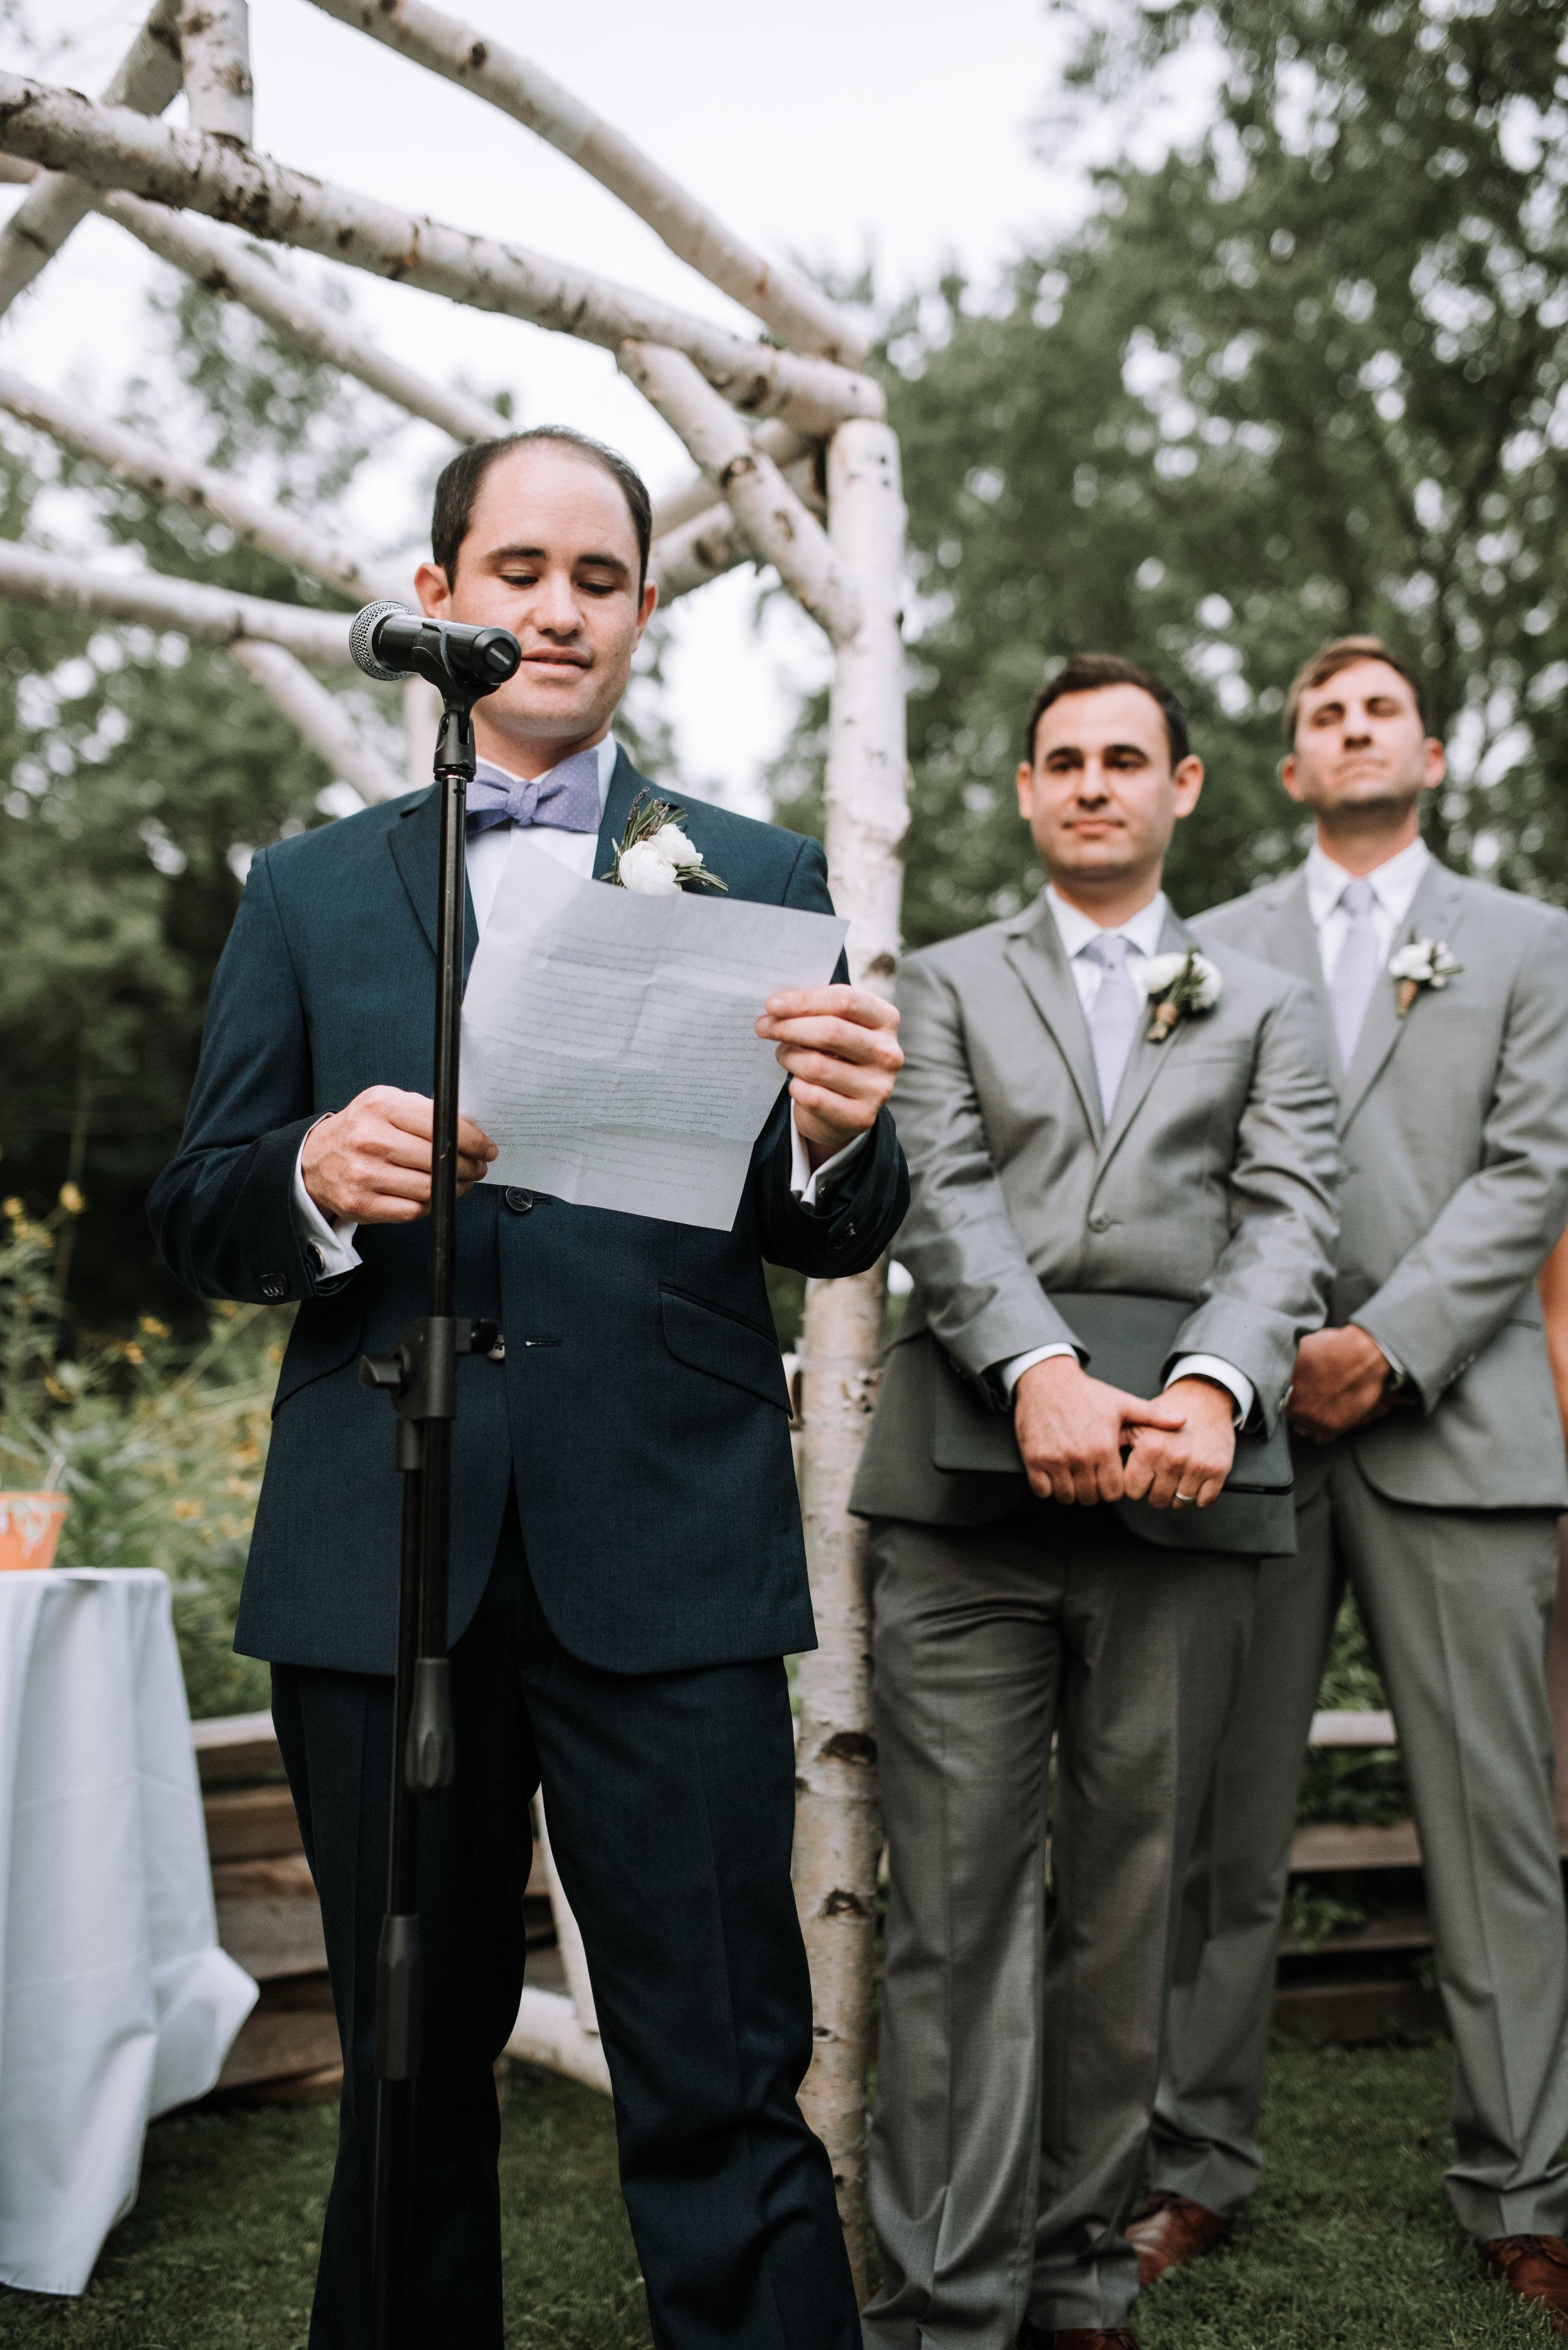 LUV LENS _WEDDING_ALYSSA PAUL SMALL-14.jpg